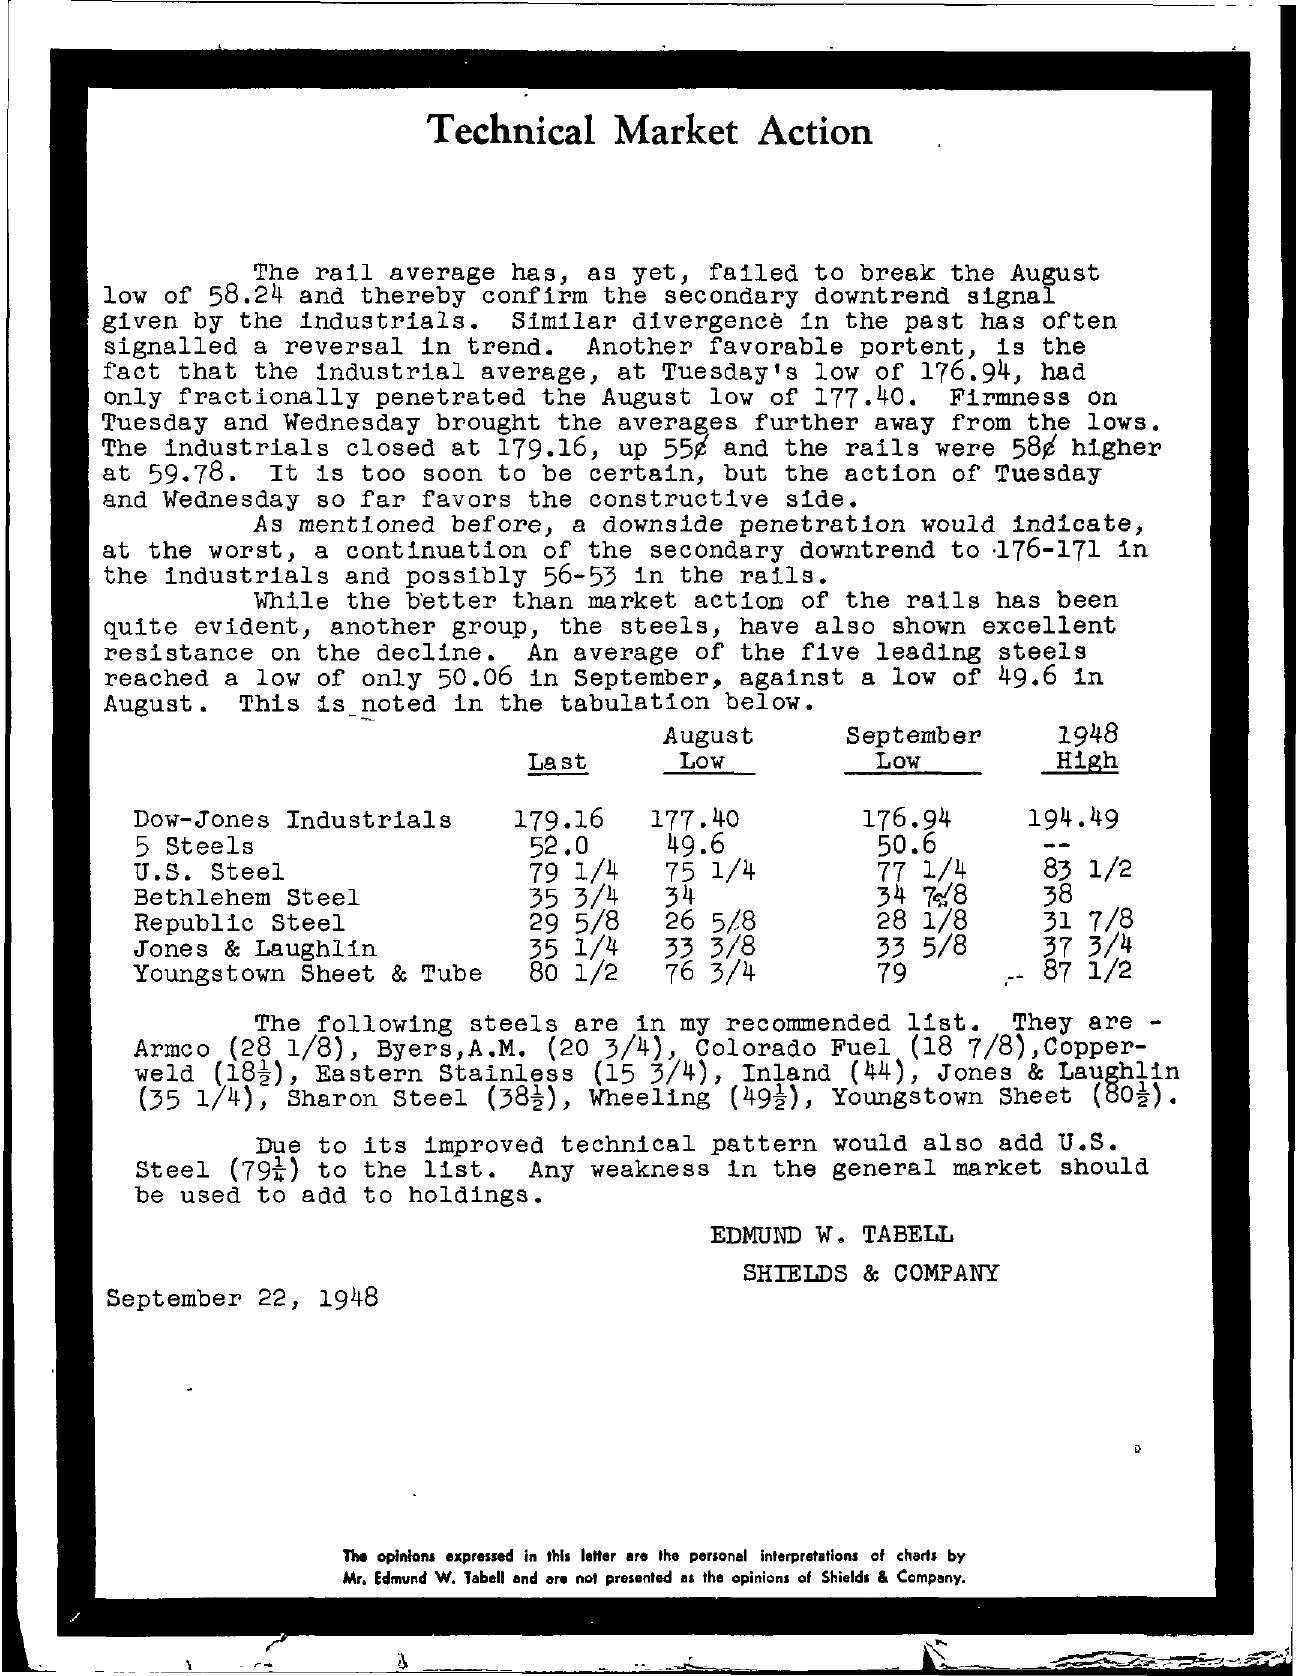 Tabell's Market Letter - September 22, 1948